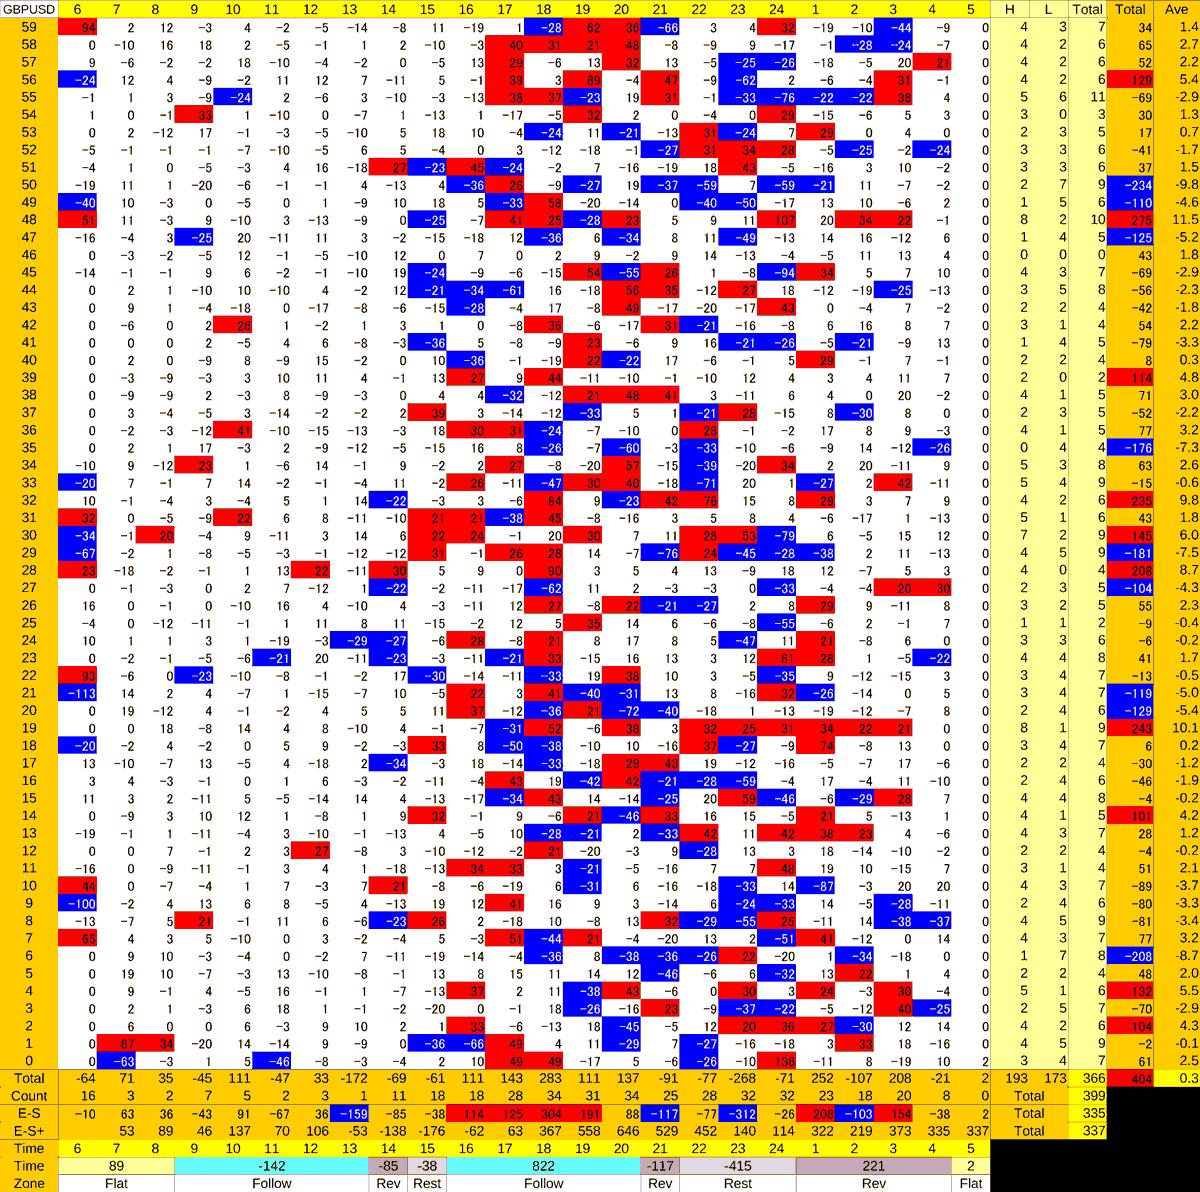 20201030_HS(2)GBPUSD